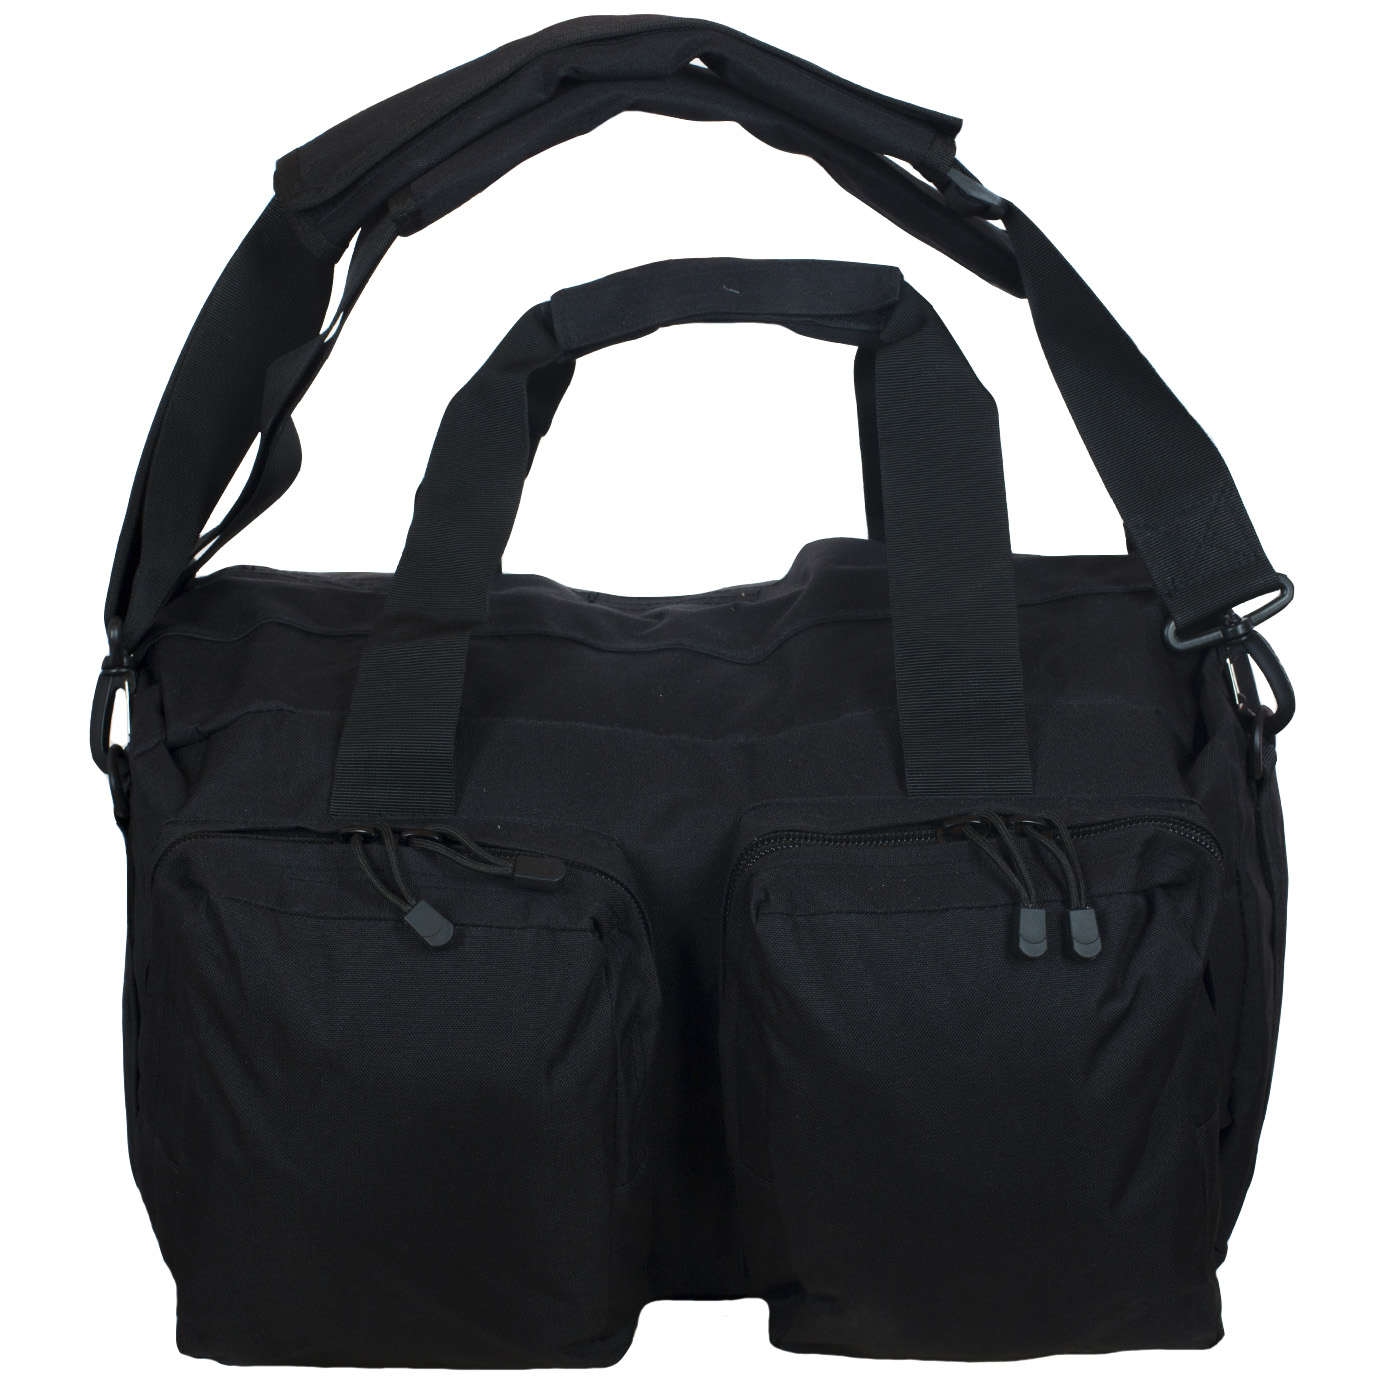 Черная дорожная сумка-рюкзак Эх, хвост, чешуя - купить оптом